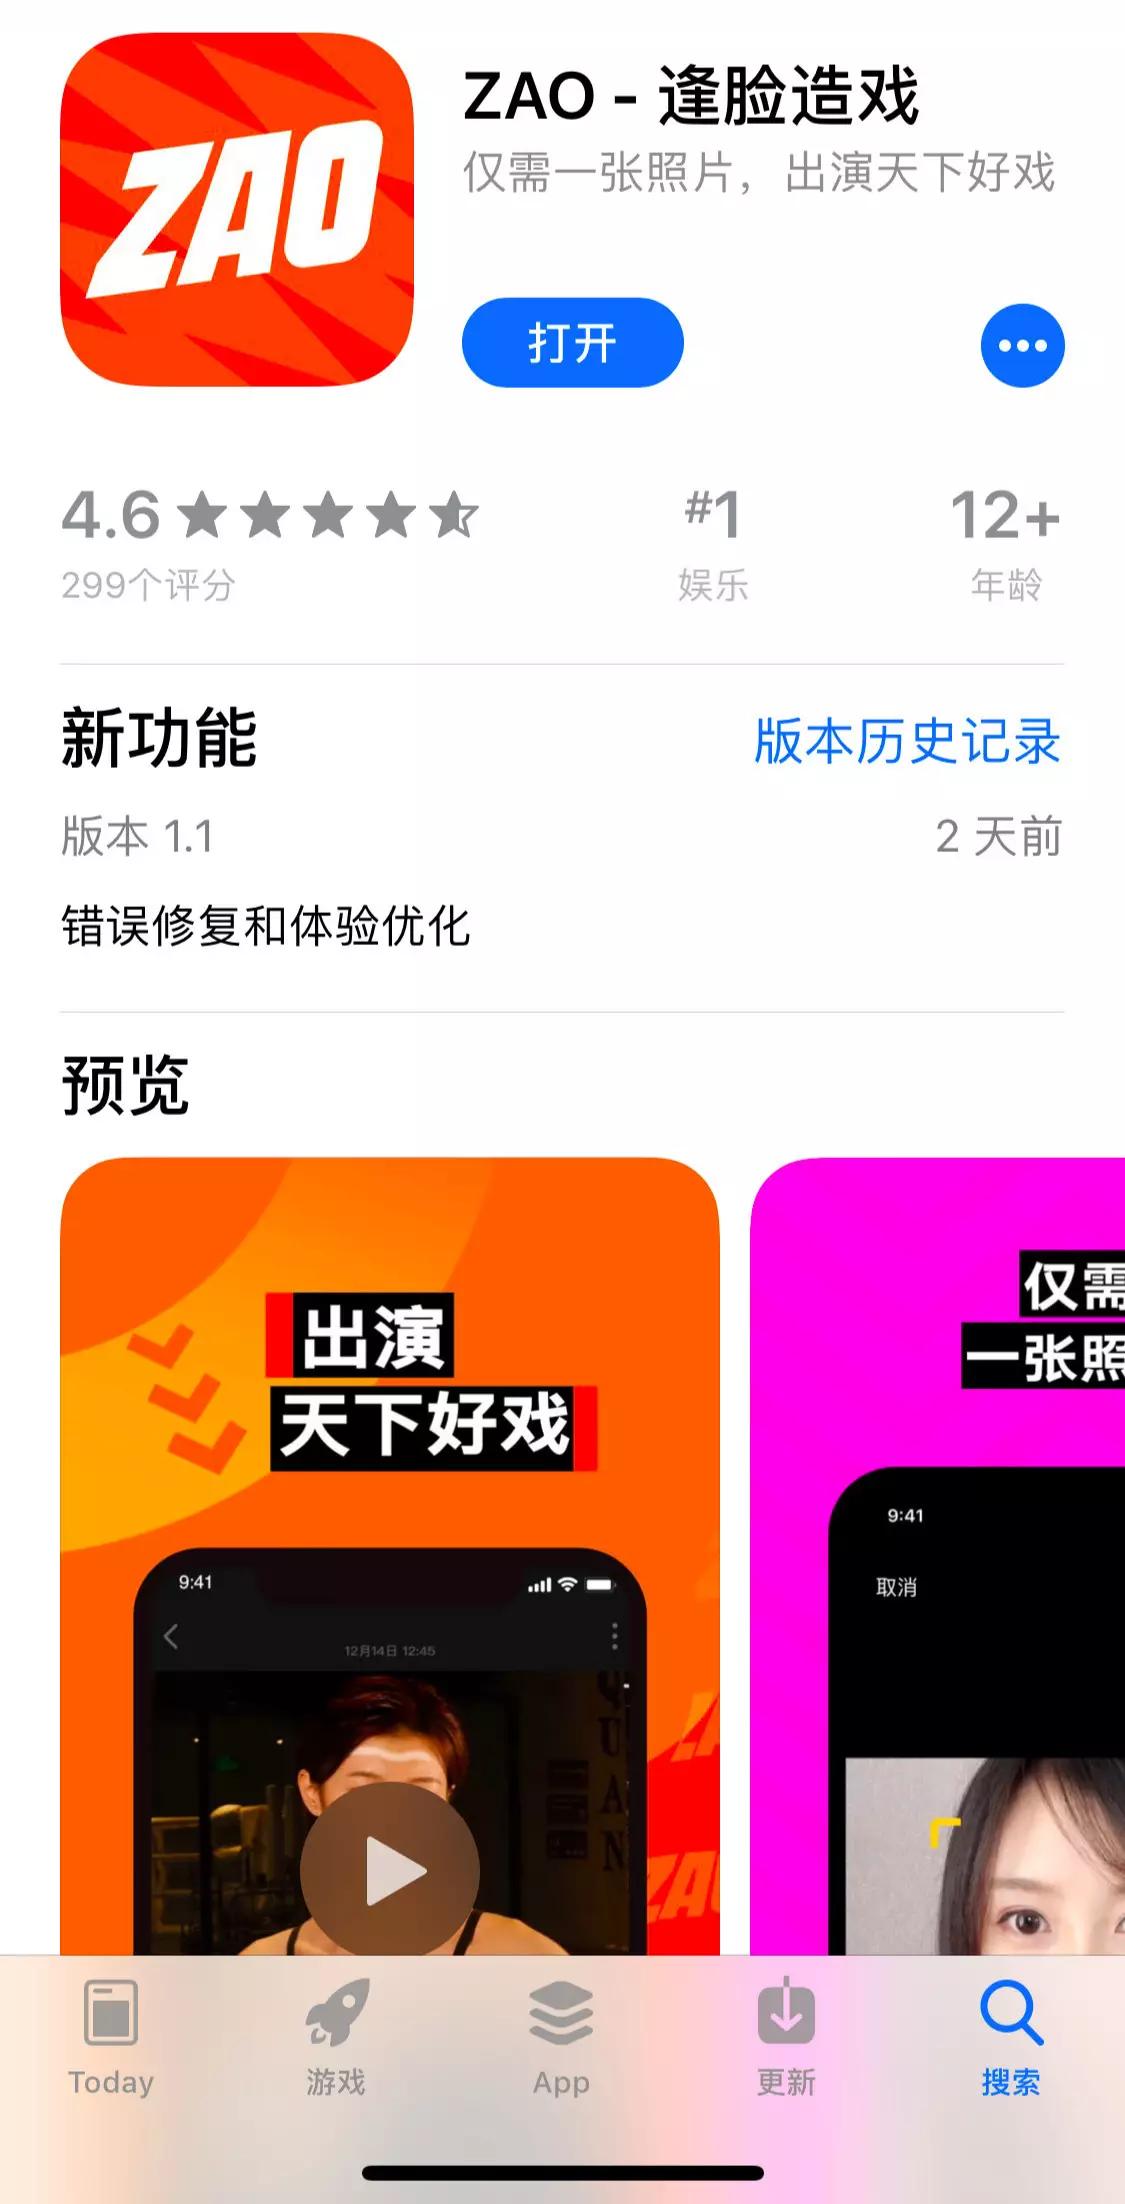 AI换脸惹争议 用户隐私权不容侵犯_打字兼职导航